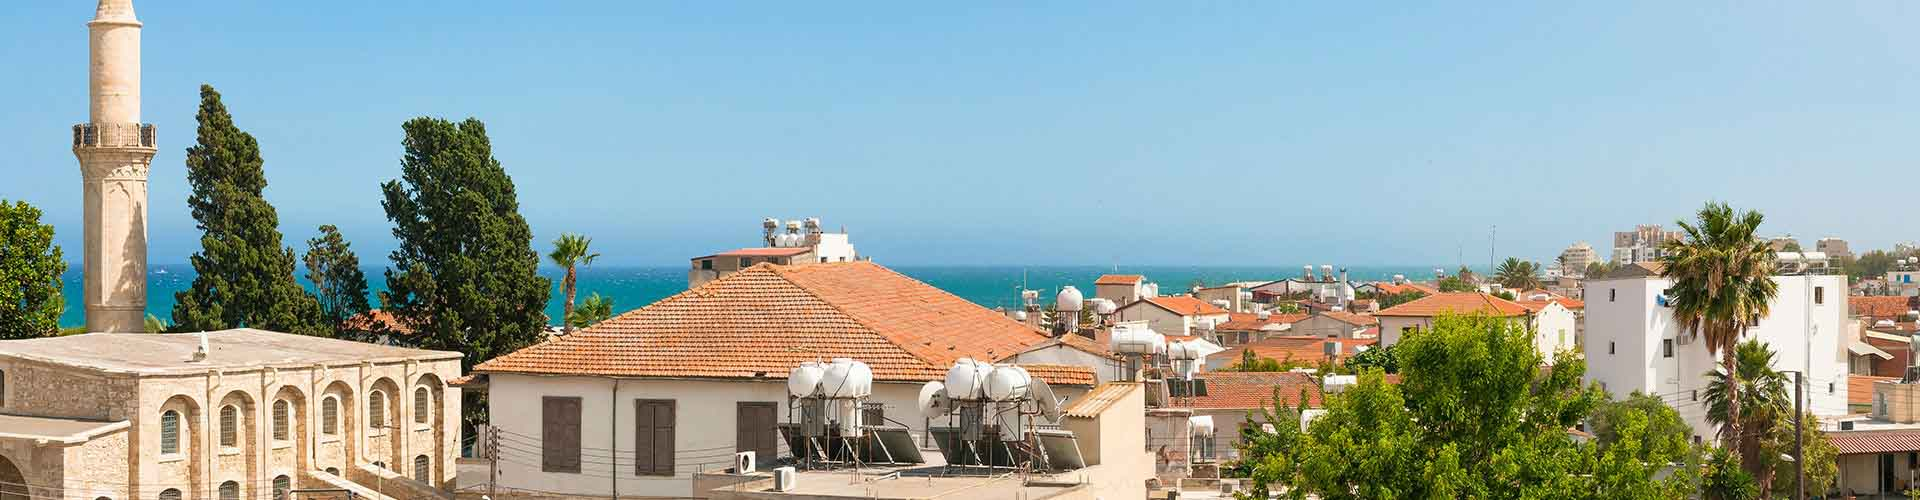 Larnaca – Ostelli in Larnaca. Mappe per Larnaca, Foto e  Recensioni per ogni Ostello a Larnaca.